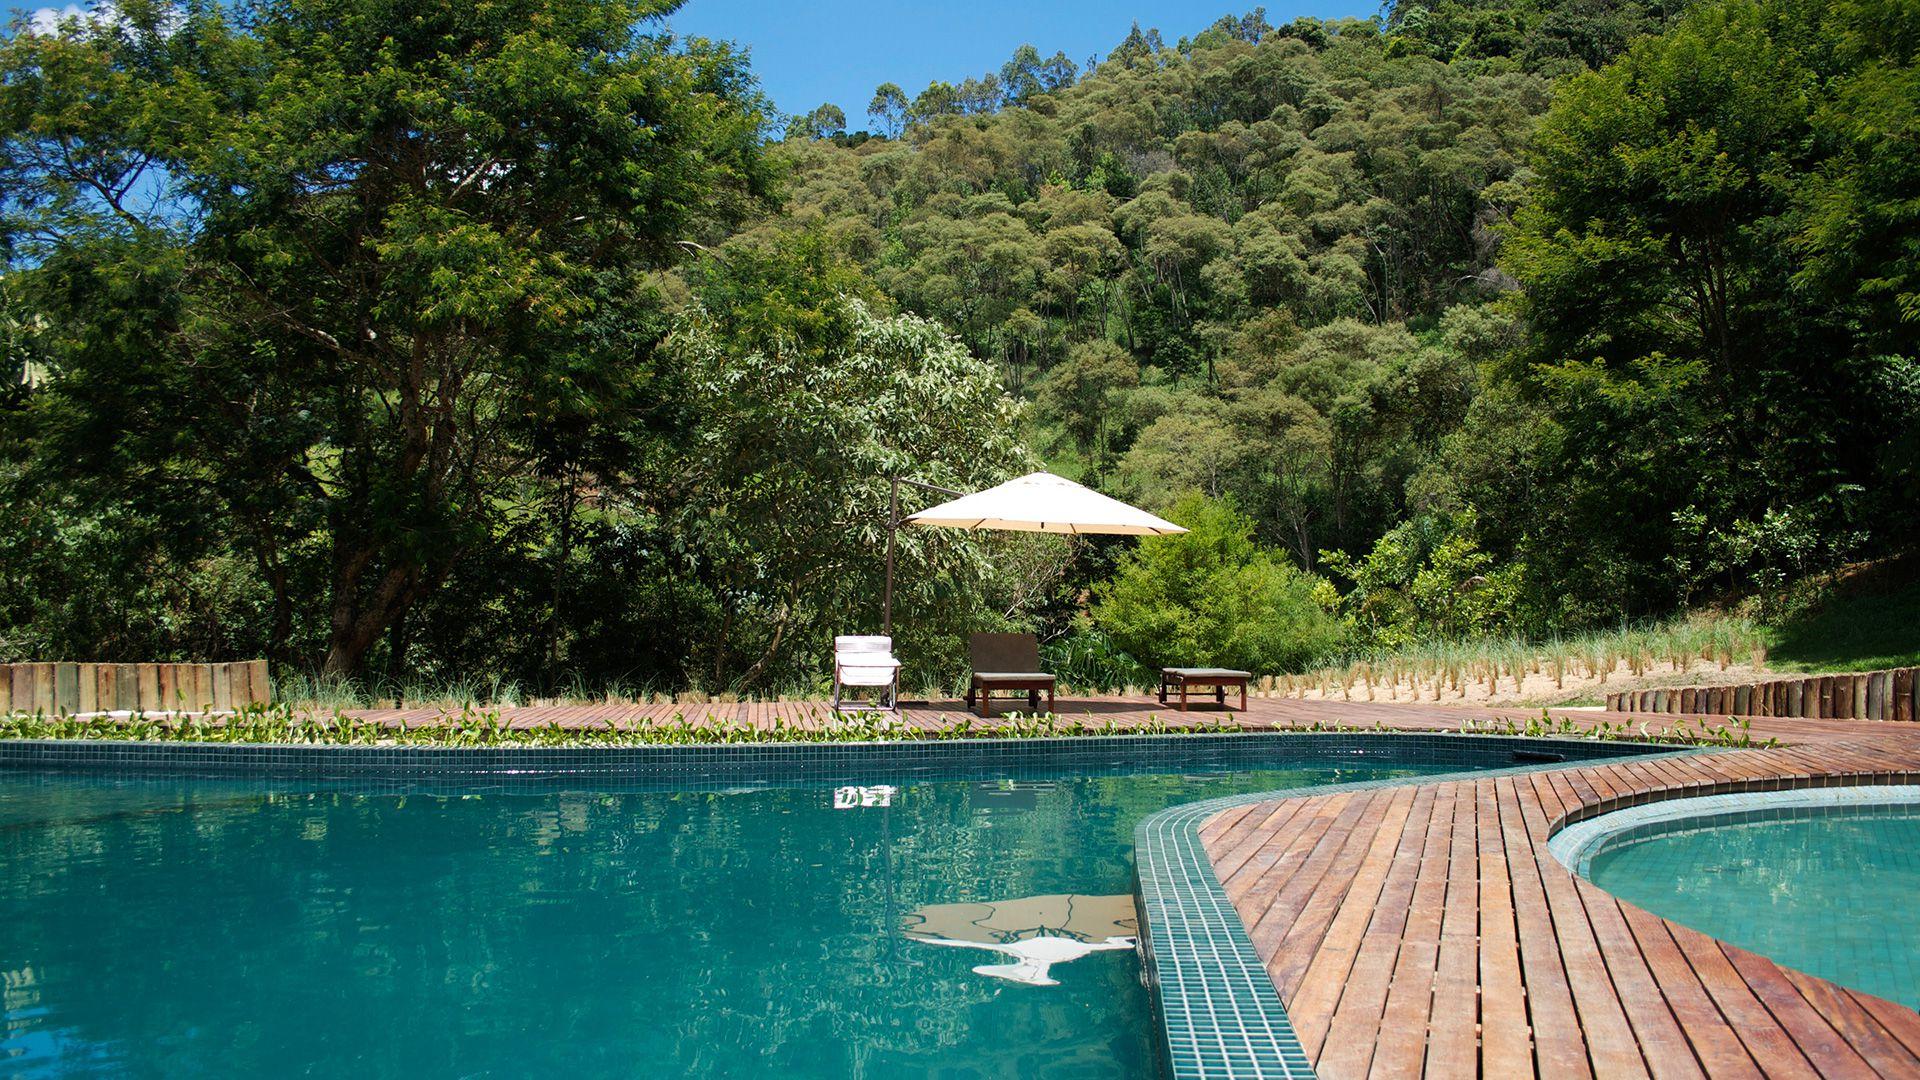 piscina-spa-botanique-foto-12